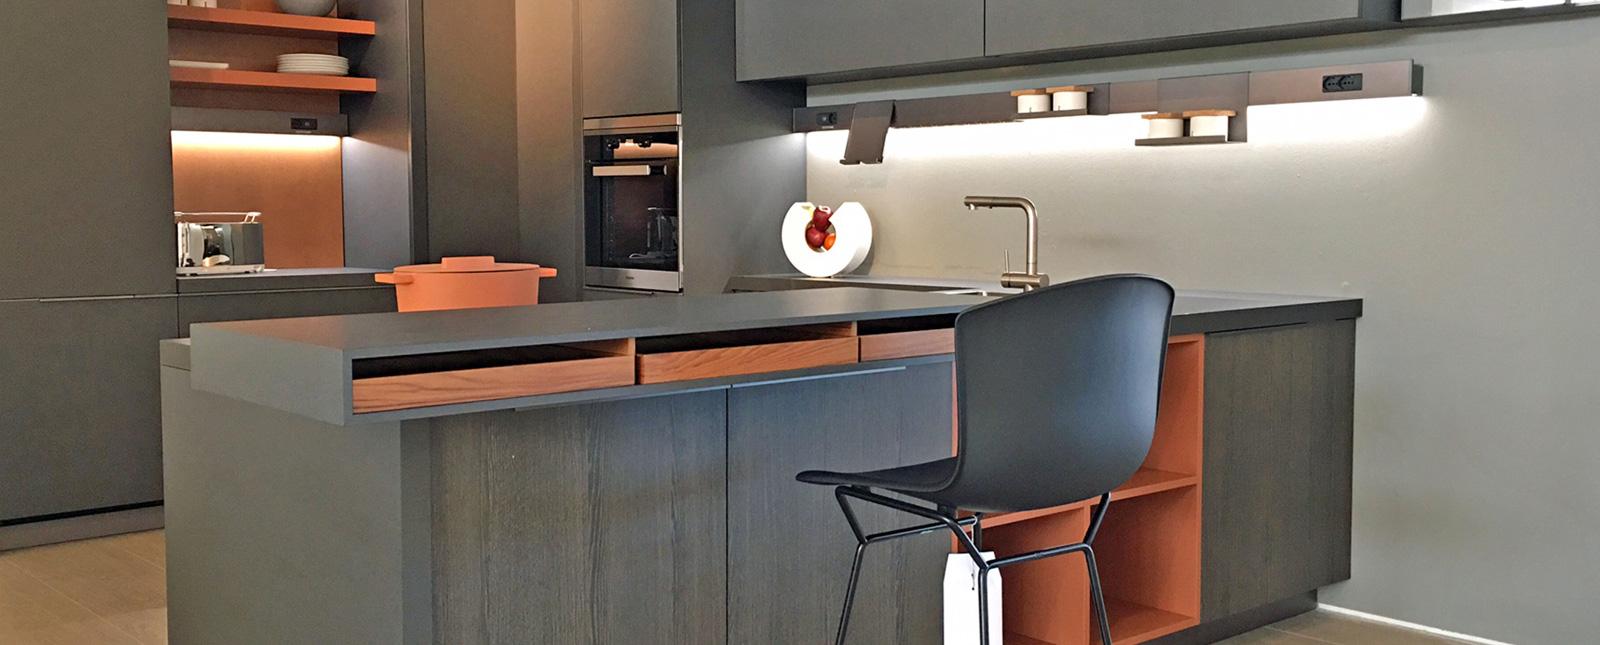 Arredamento interni design gallery of interior design for Riviste arredamento interni on line